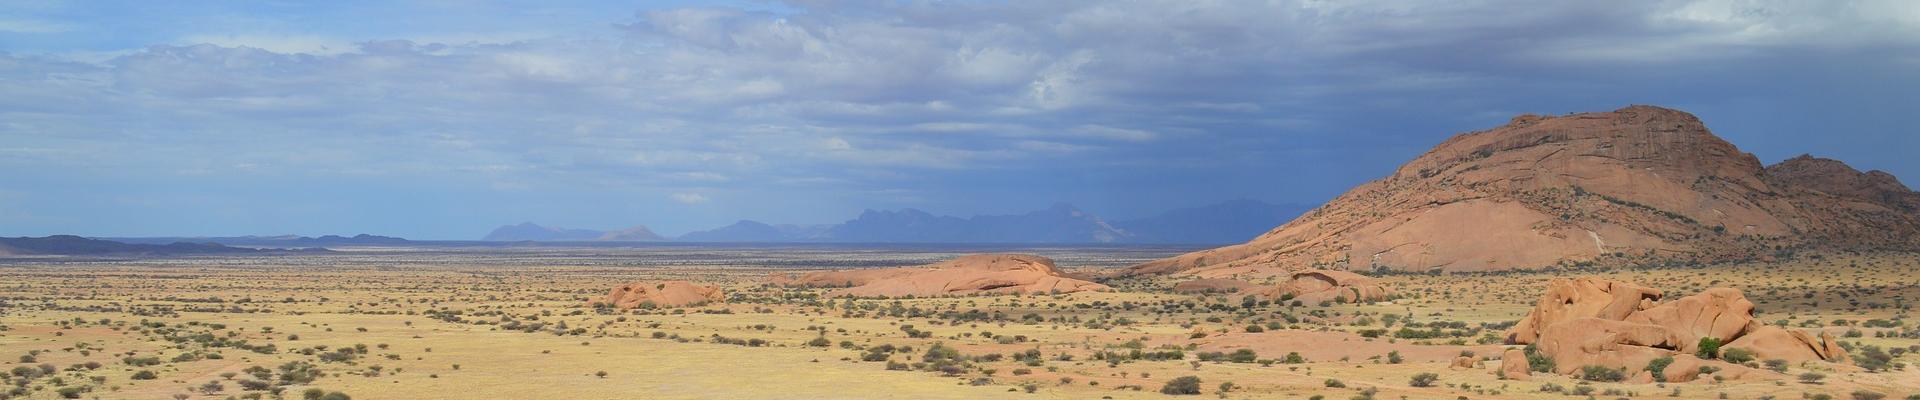 gemeinschaftlich Wohnen in Namibia